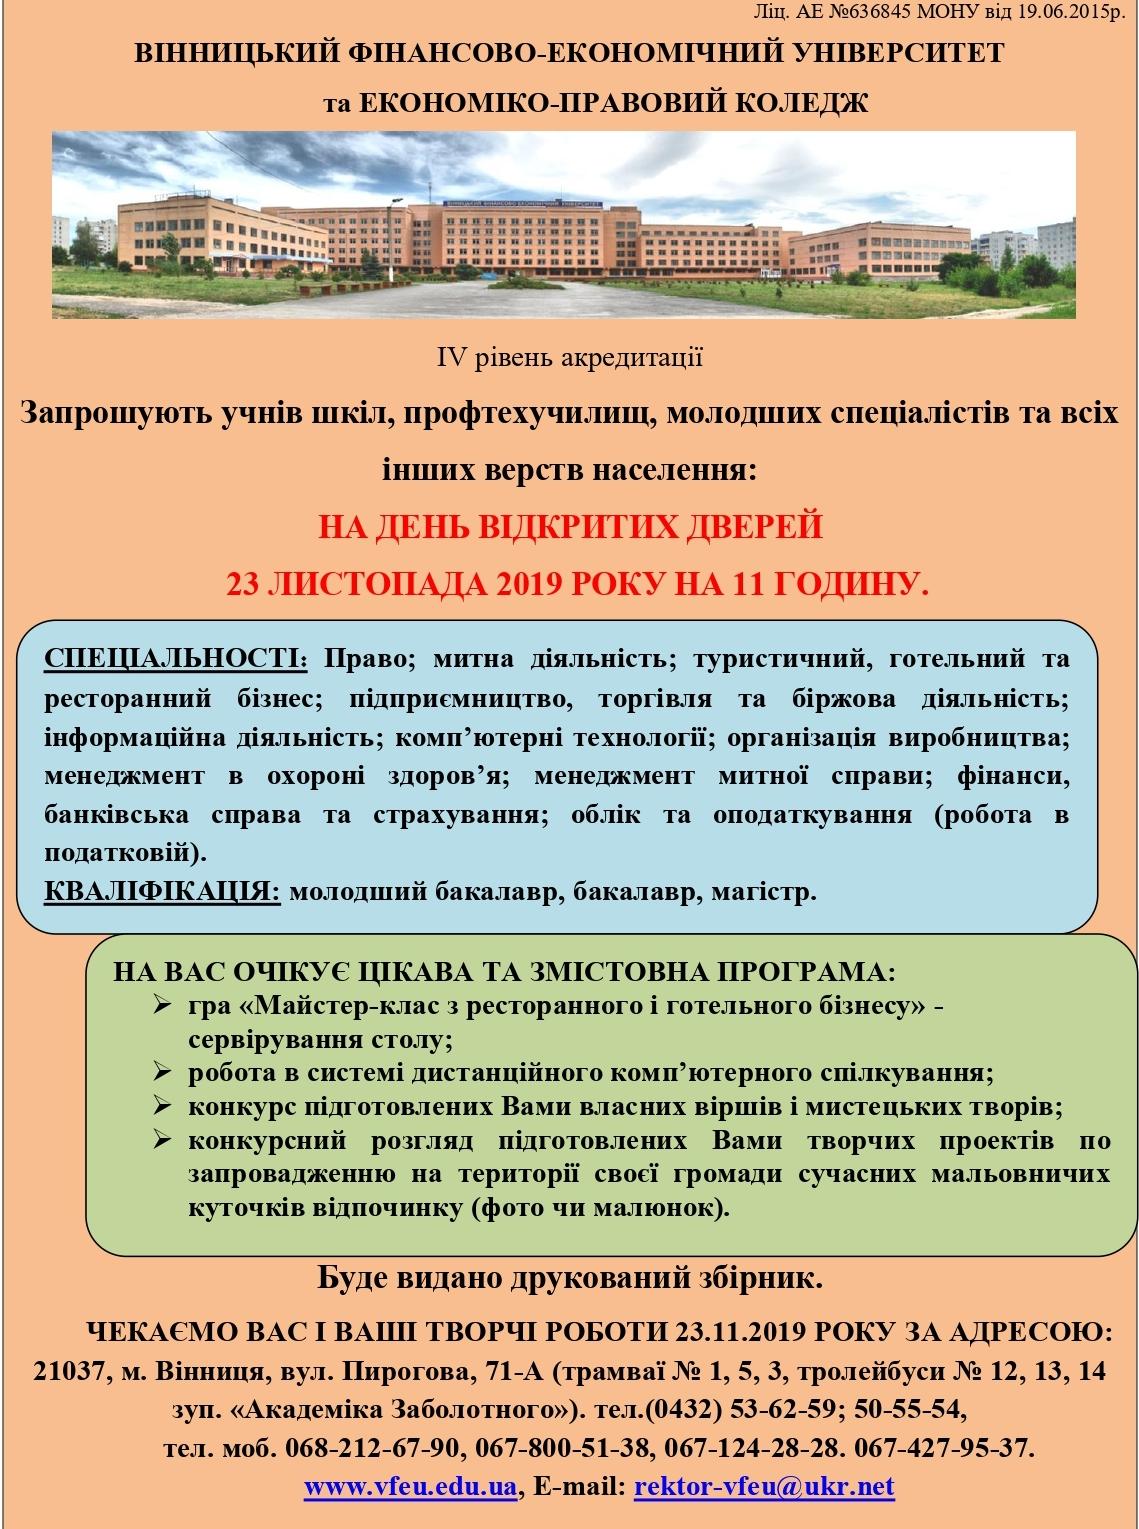 kopiya_dvd_kursi_page-0001.jpg (1008.83 Kb)